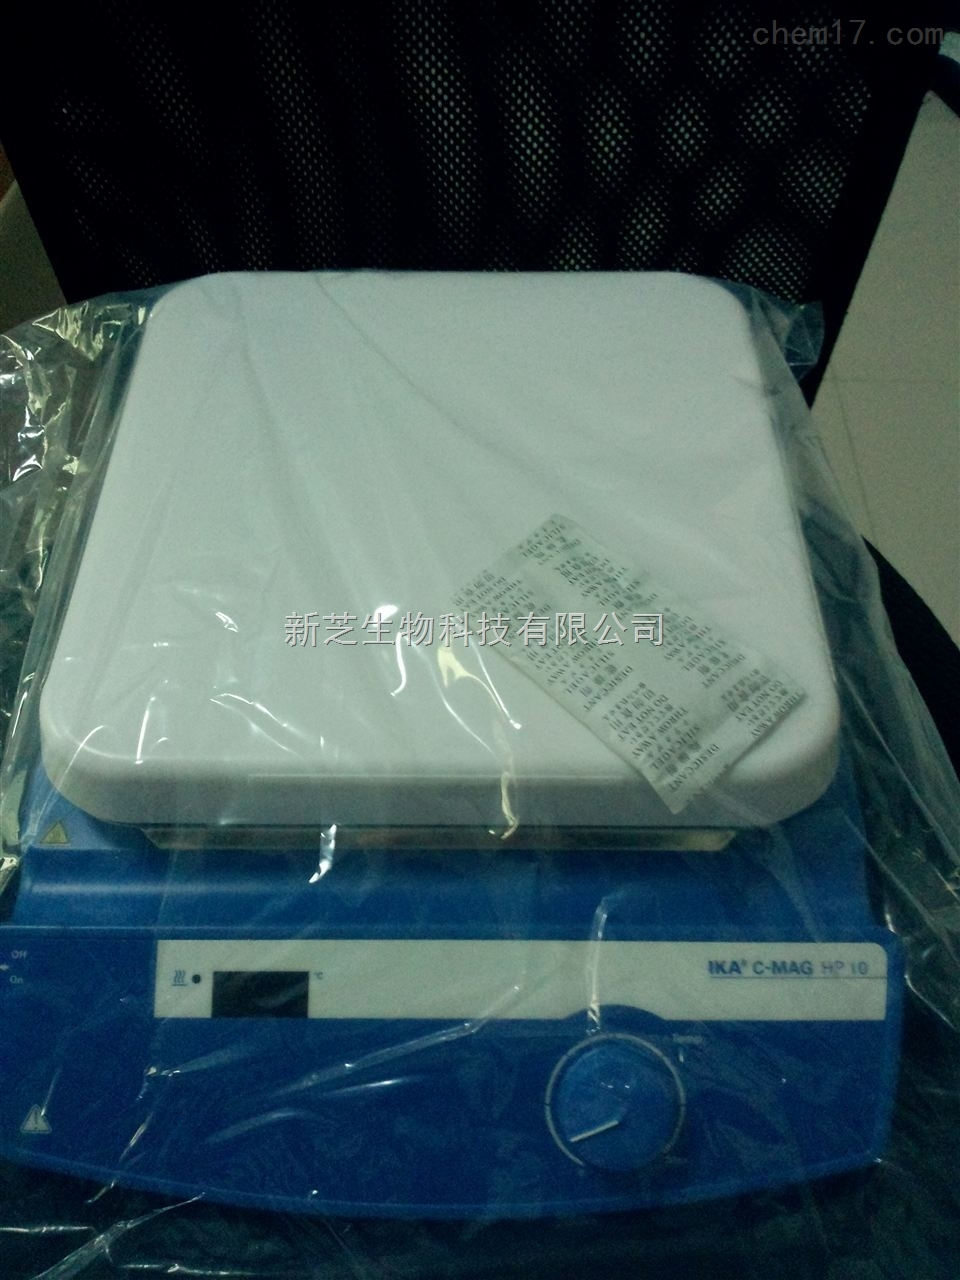 IKA进口加热板陶瓷面盘HP7